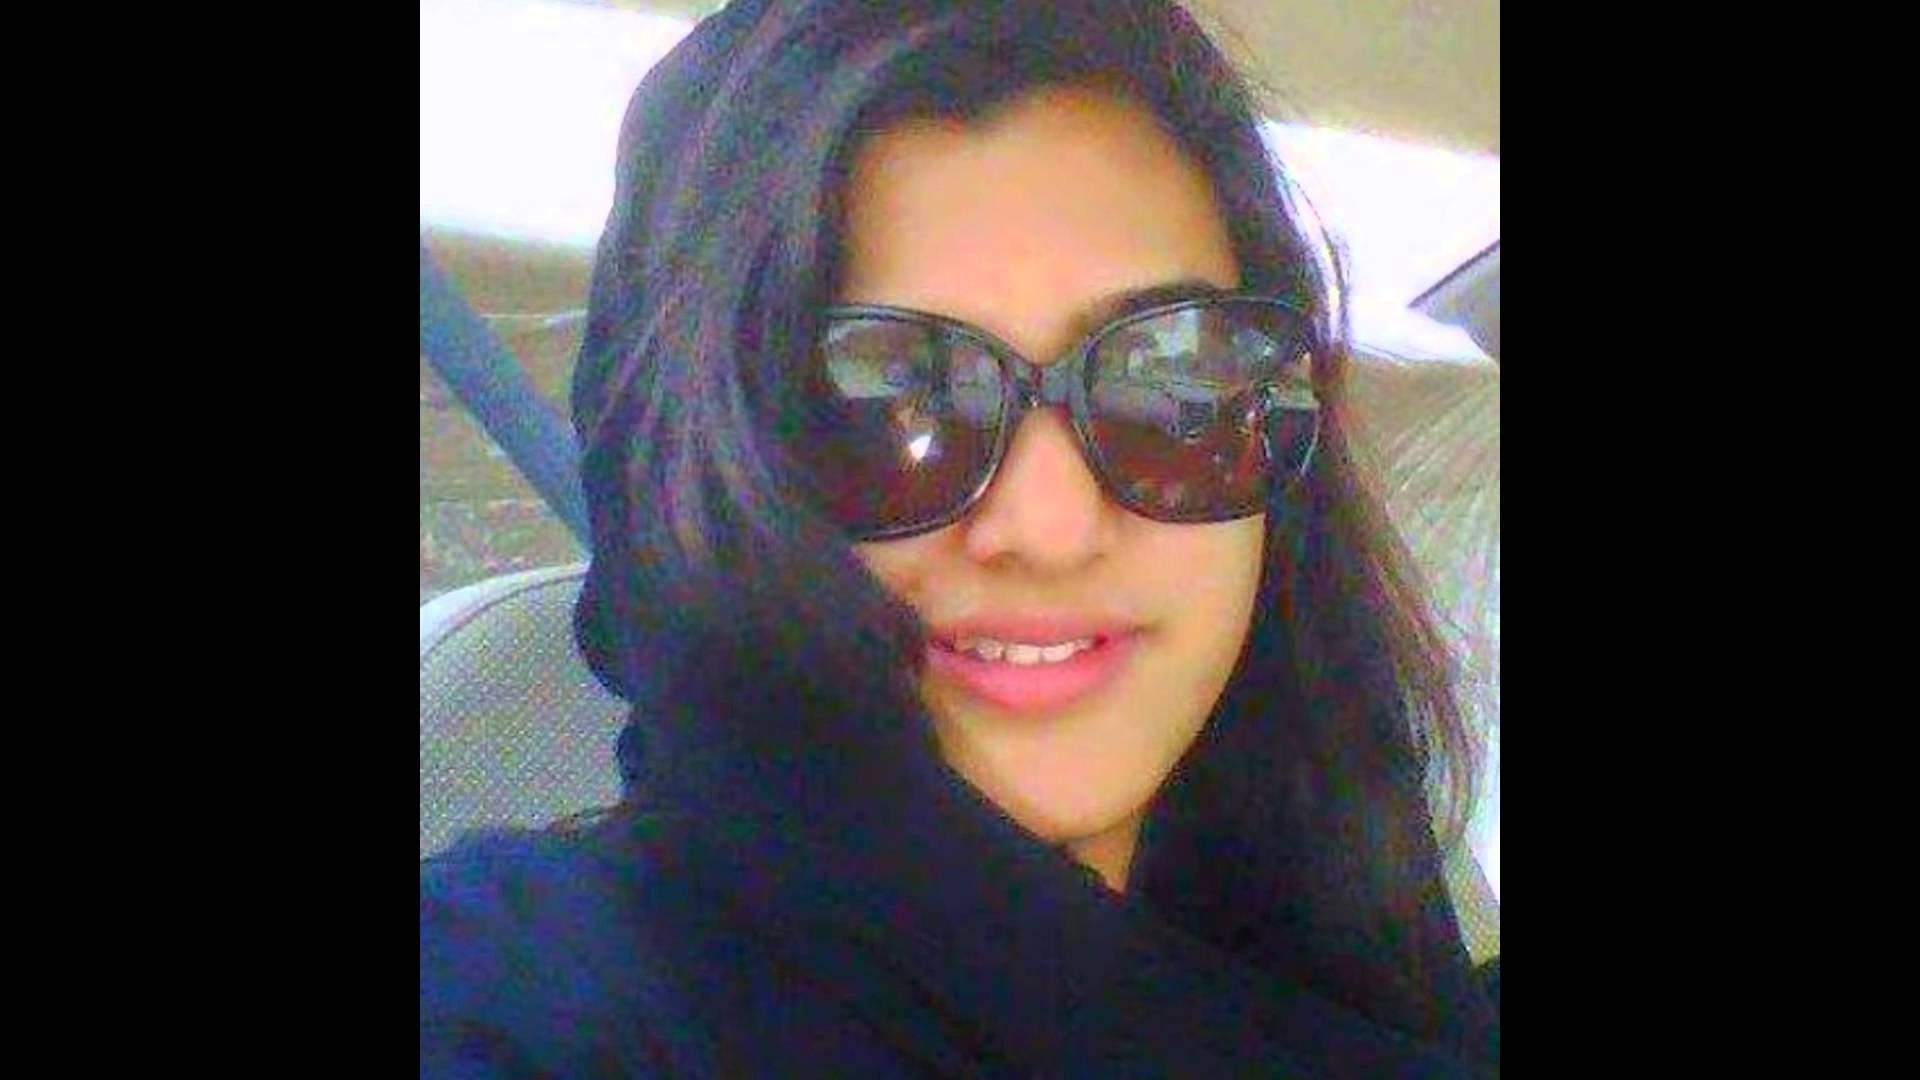 بالصور بنات يمنيات , صور لبنات من اليمن 5990 7